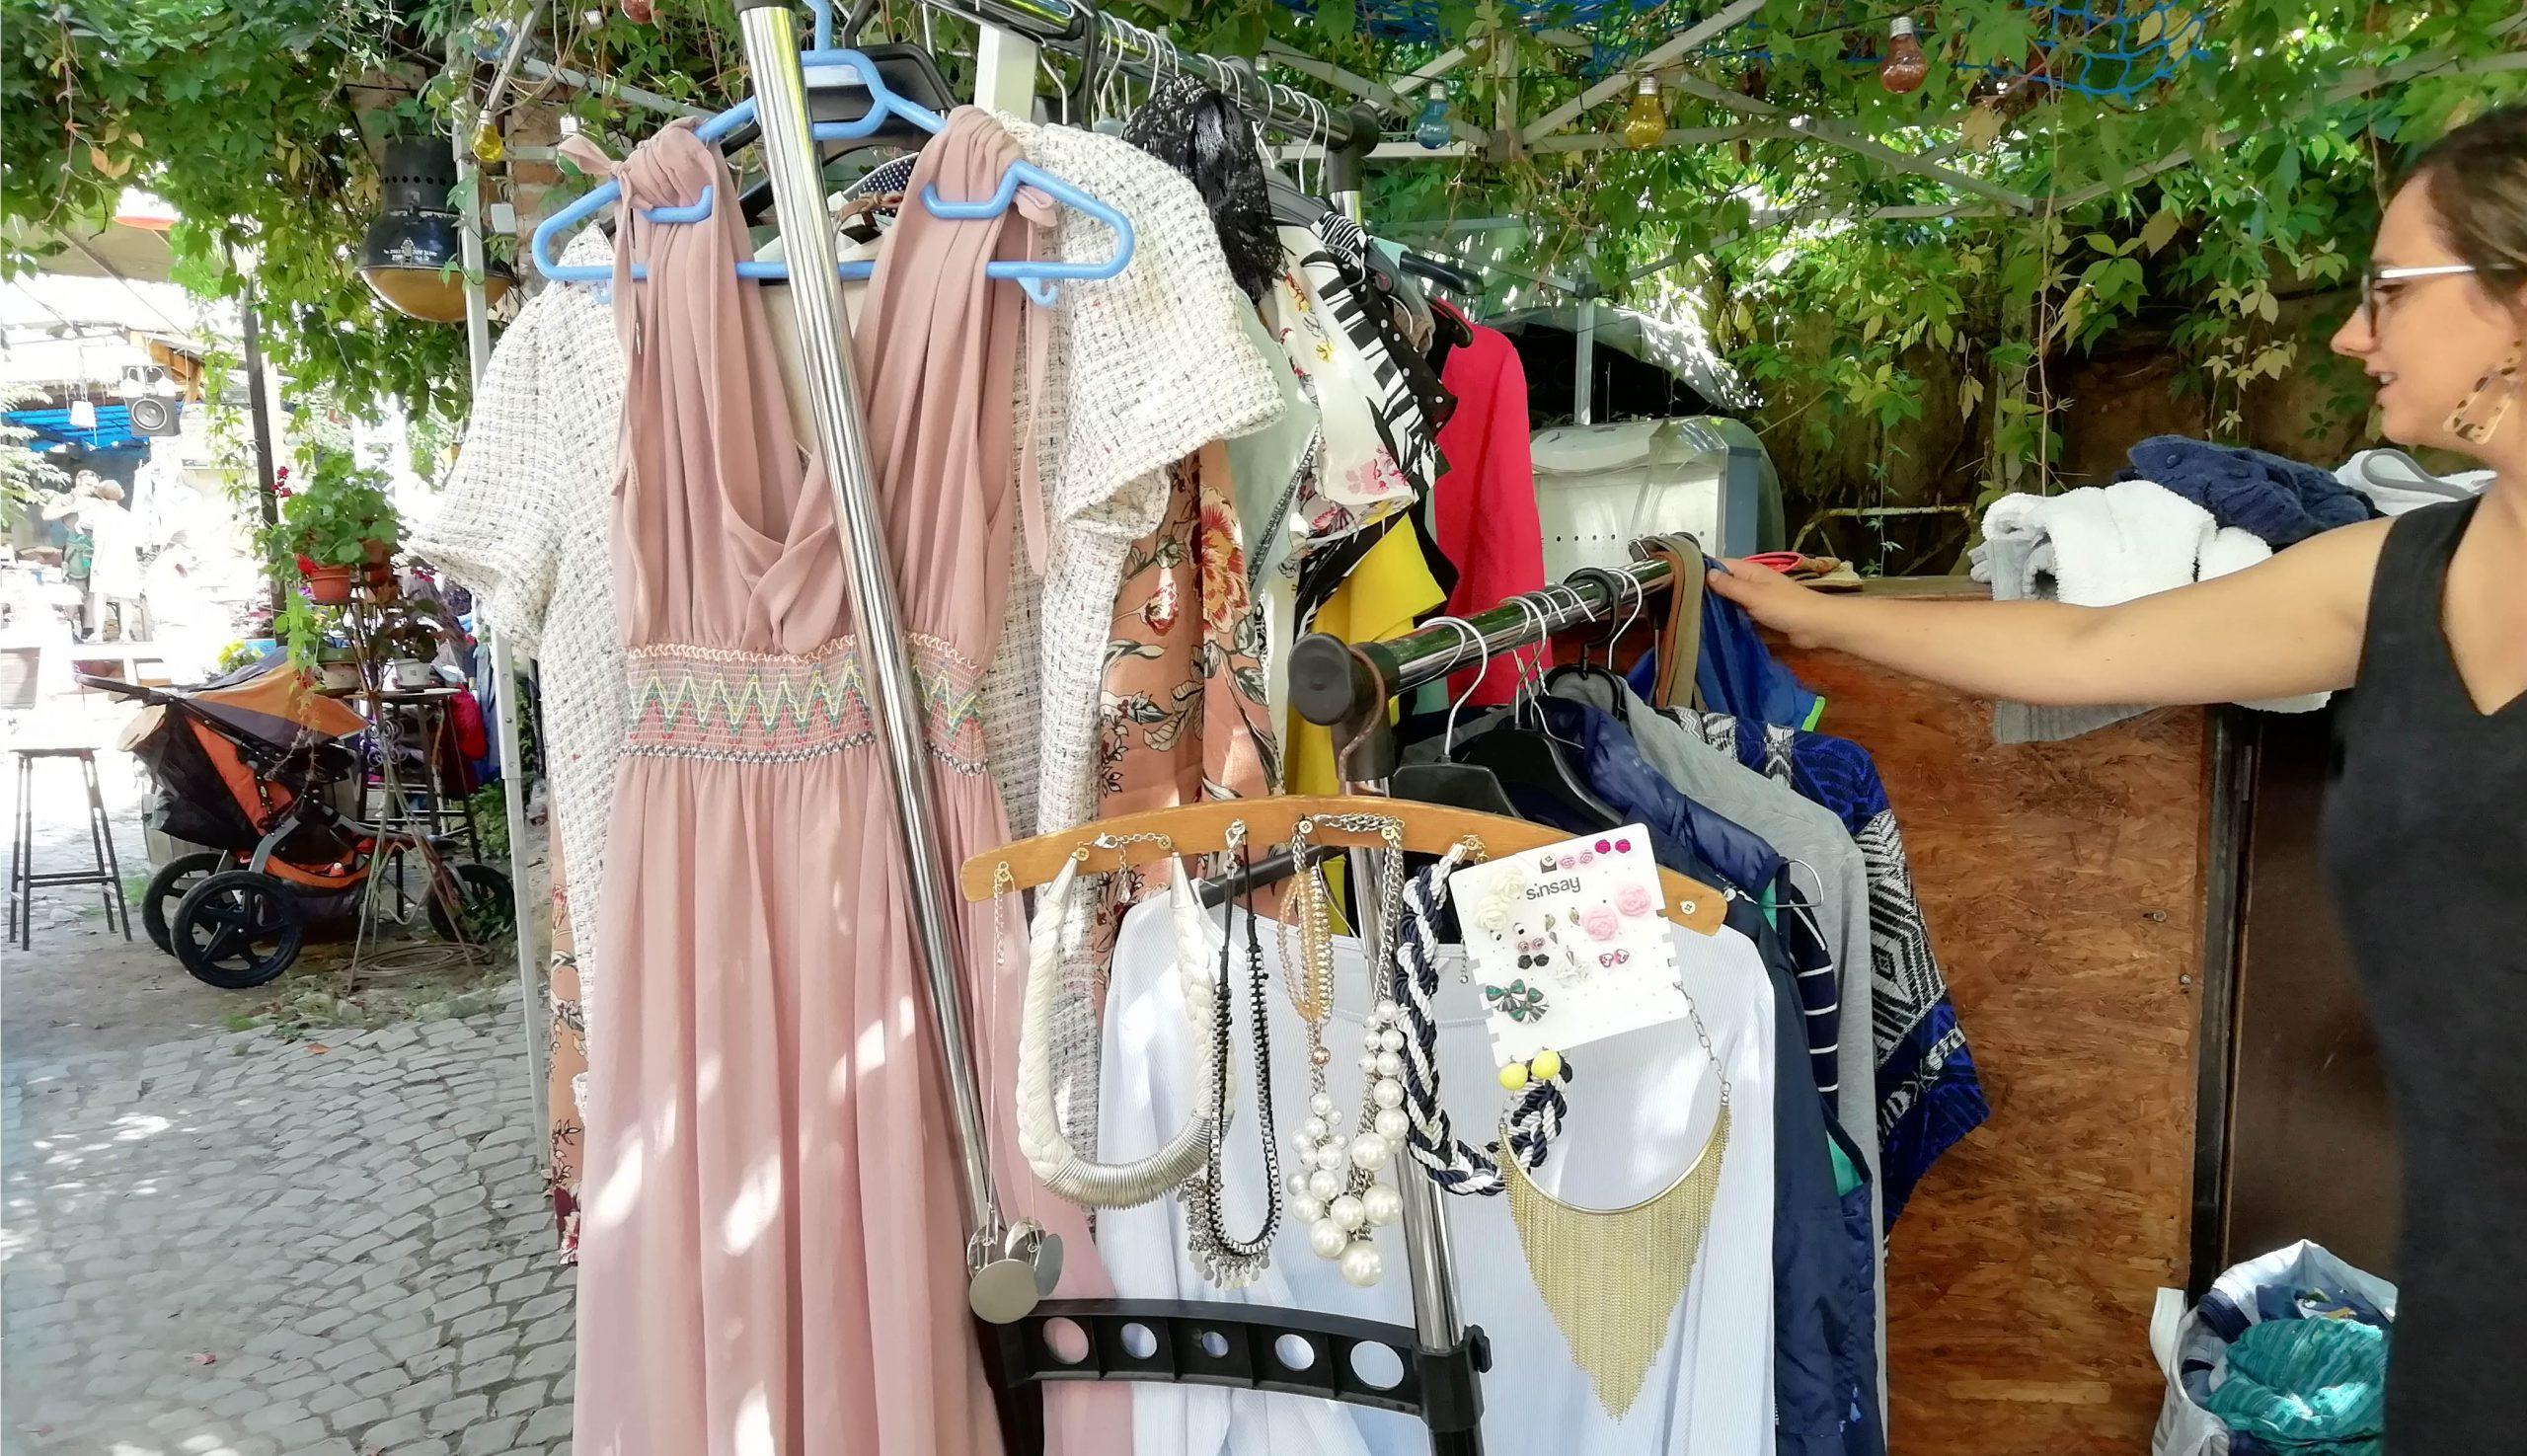 150 milliárd eurónyi eladásra váró ruha áll a világ raktáraiban és üzleteiben